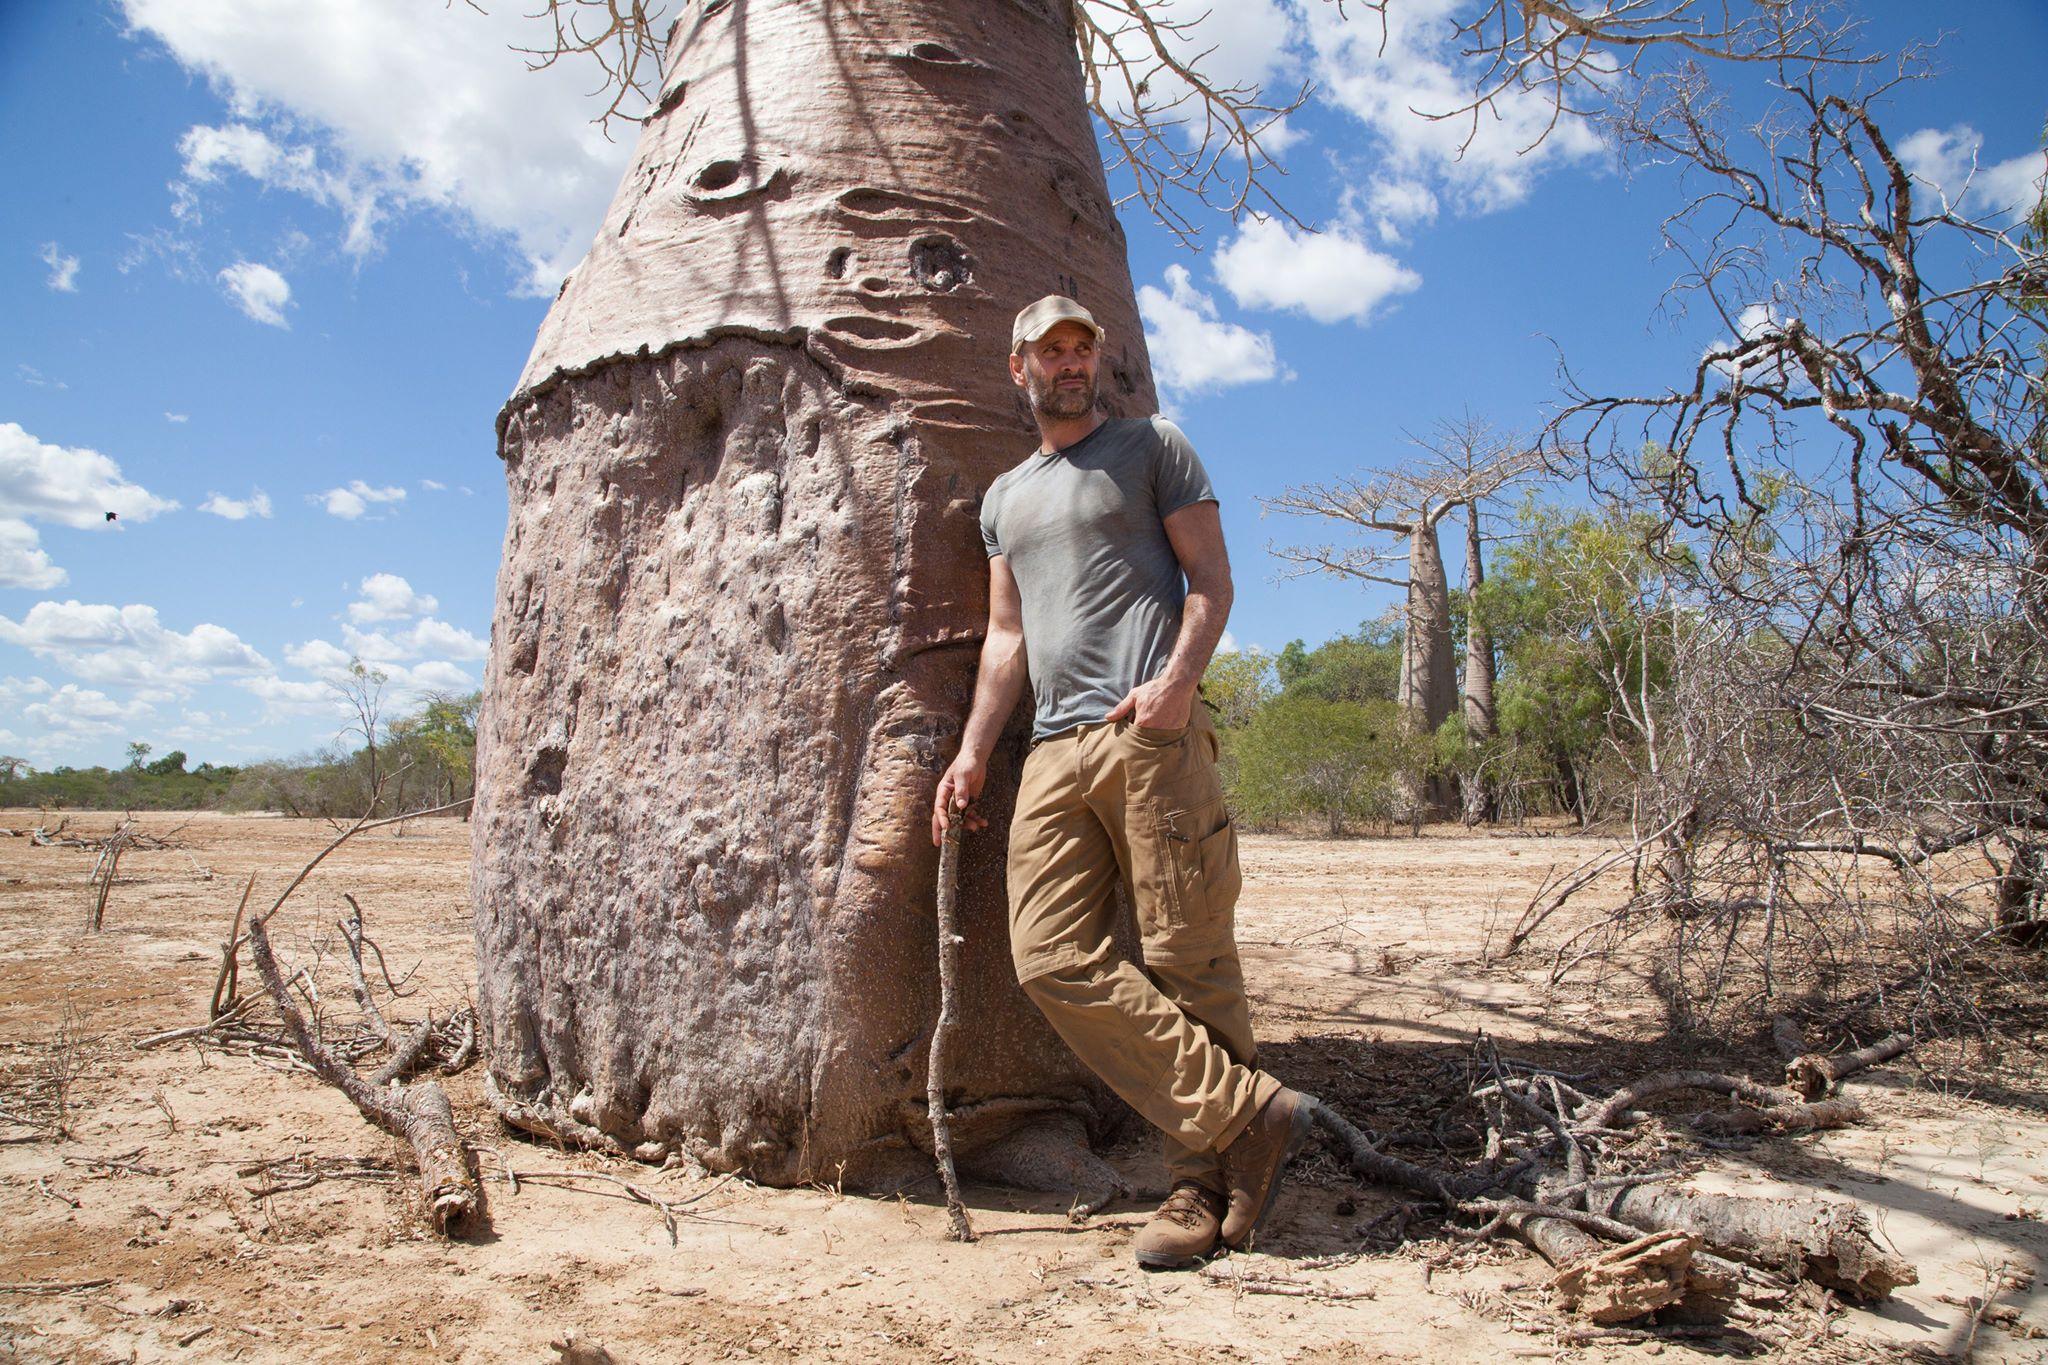 Ел галлюциногенные грибы и пил из луж: экстремал-выживальщик рассказал о путешествиях по миру